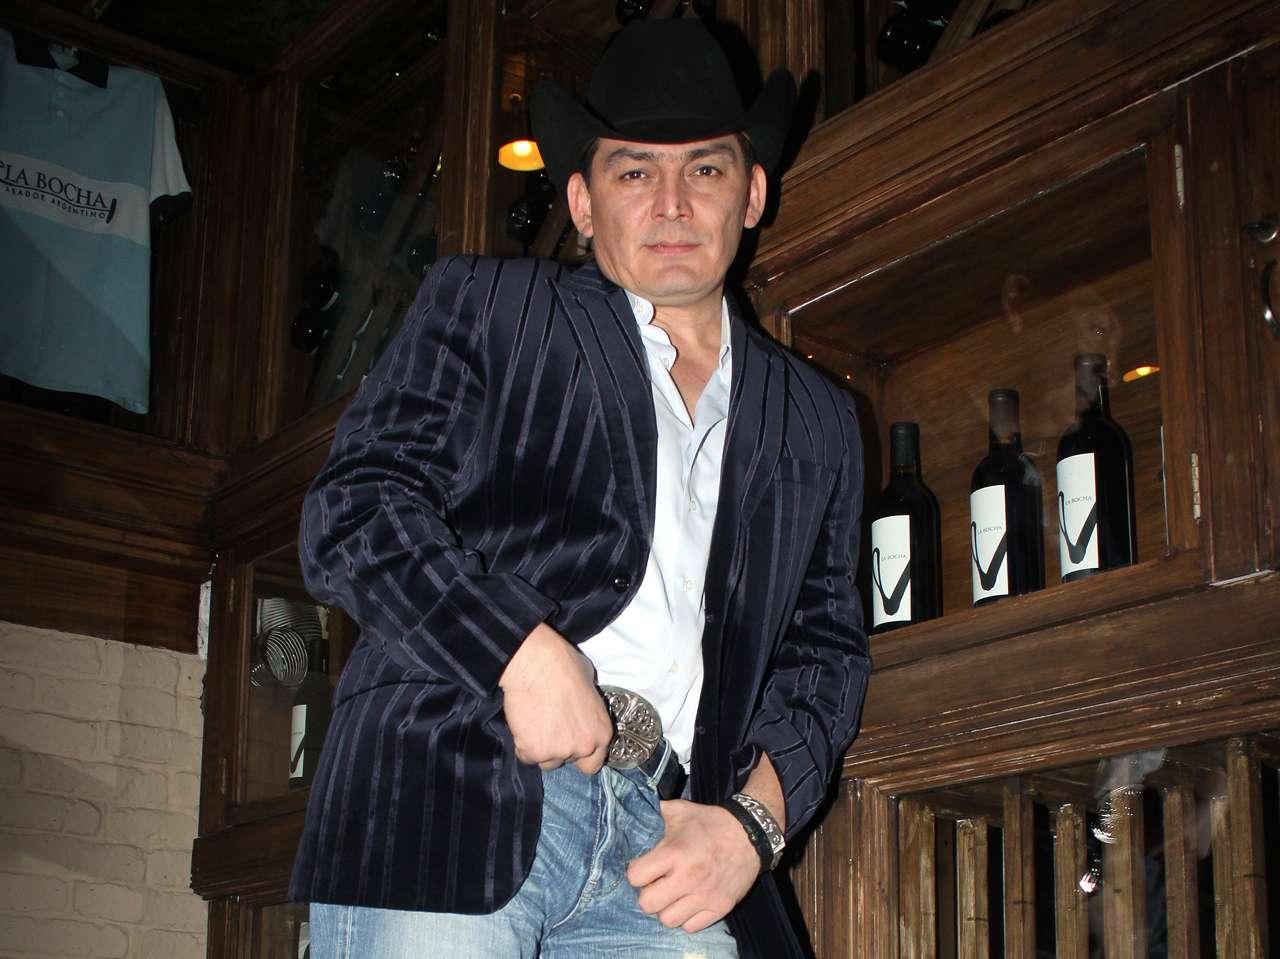 José Manuel Figueroa comenzará en breve su participación en la emisión México tiene talento. Foto: Medios y Media